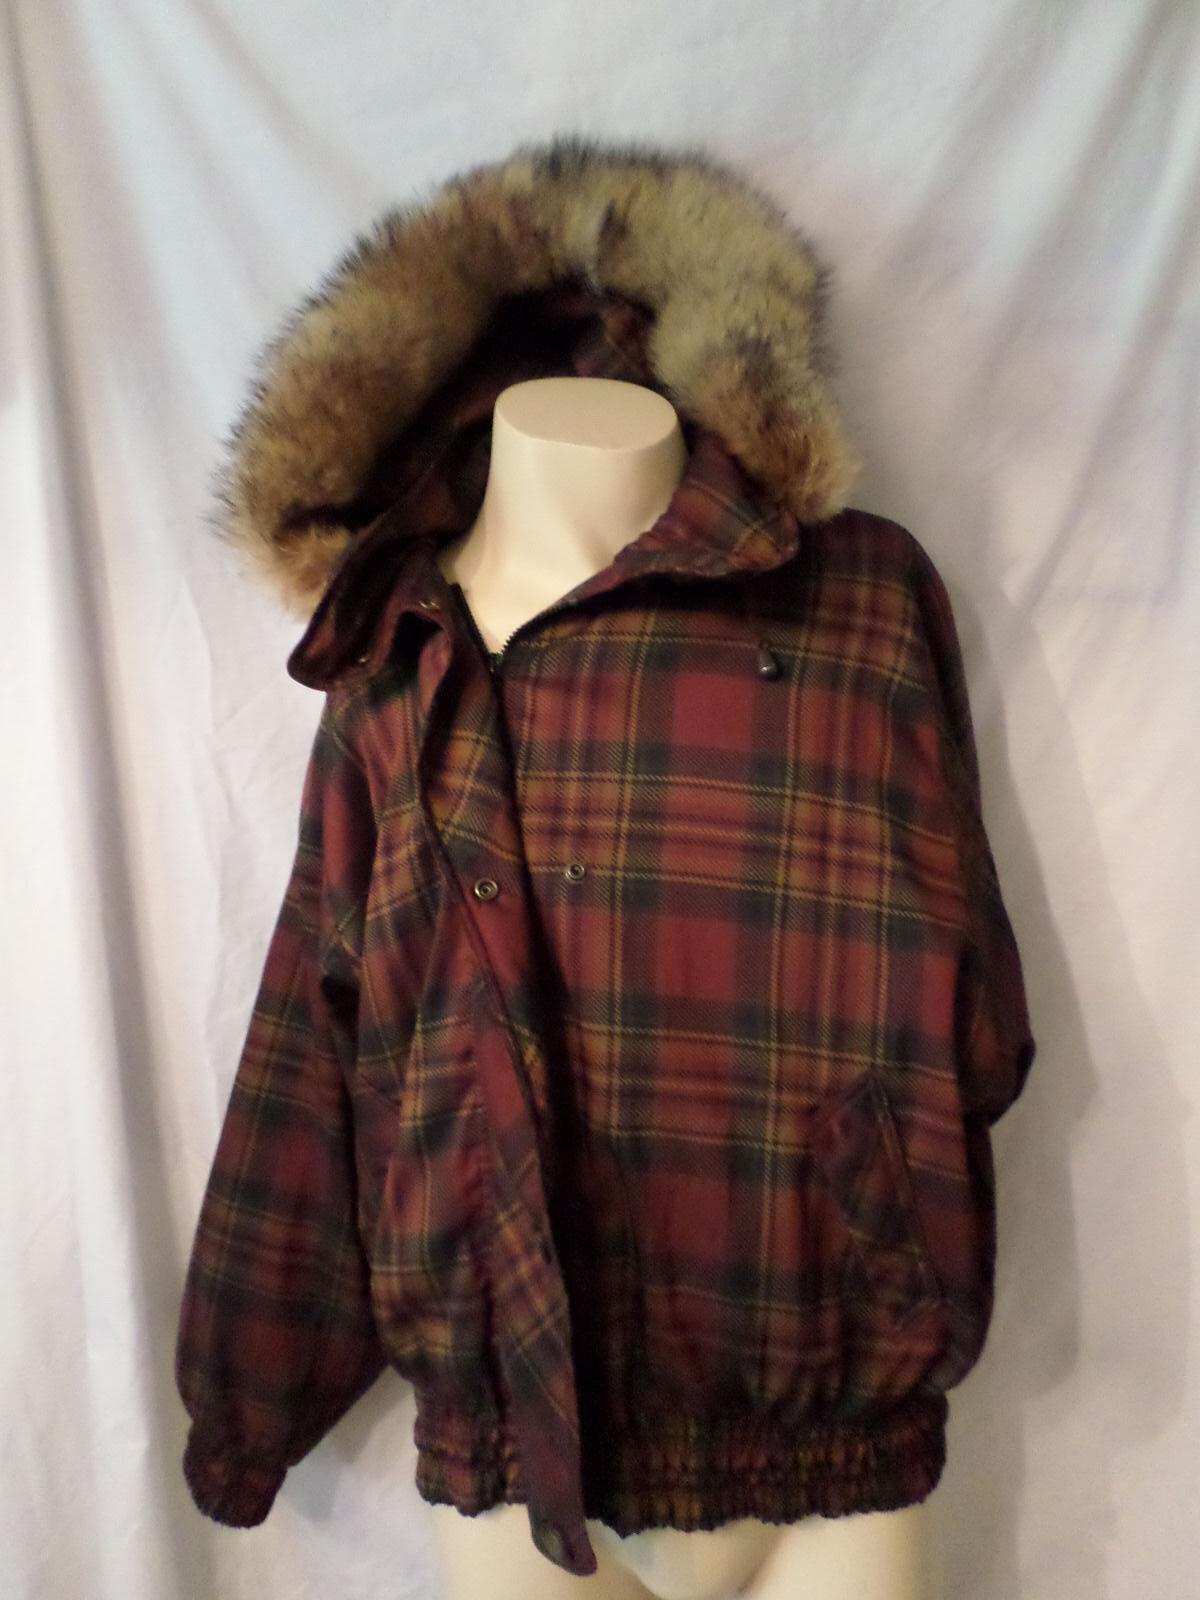 London Fog Plaid Coat Medium Fur Hood 3M Thinsulate Zip Liner HTF EUC Unique Uni